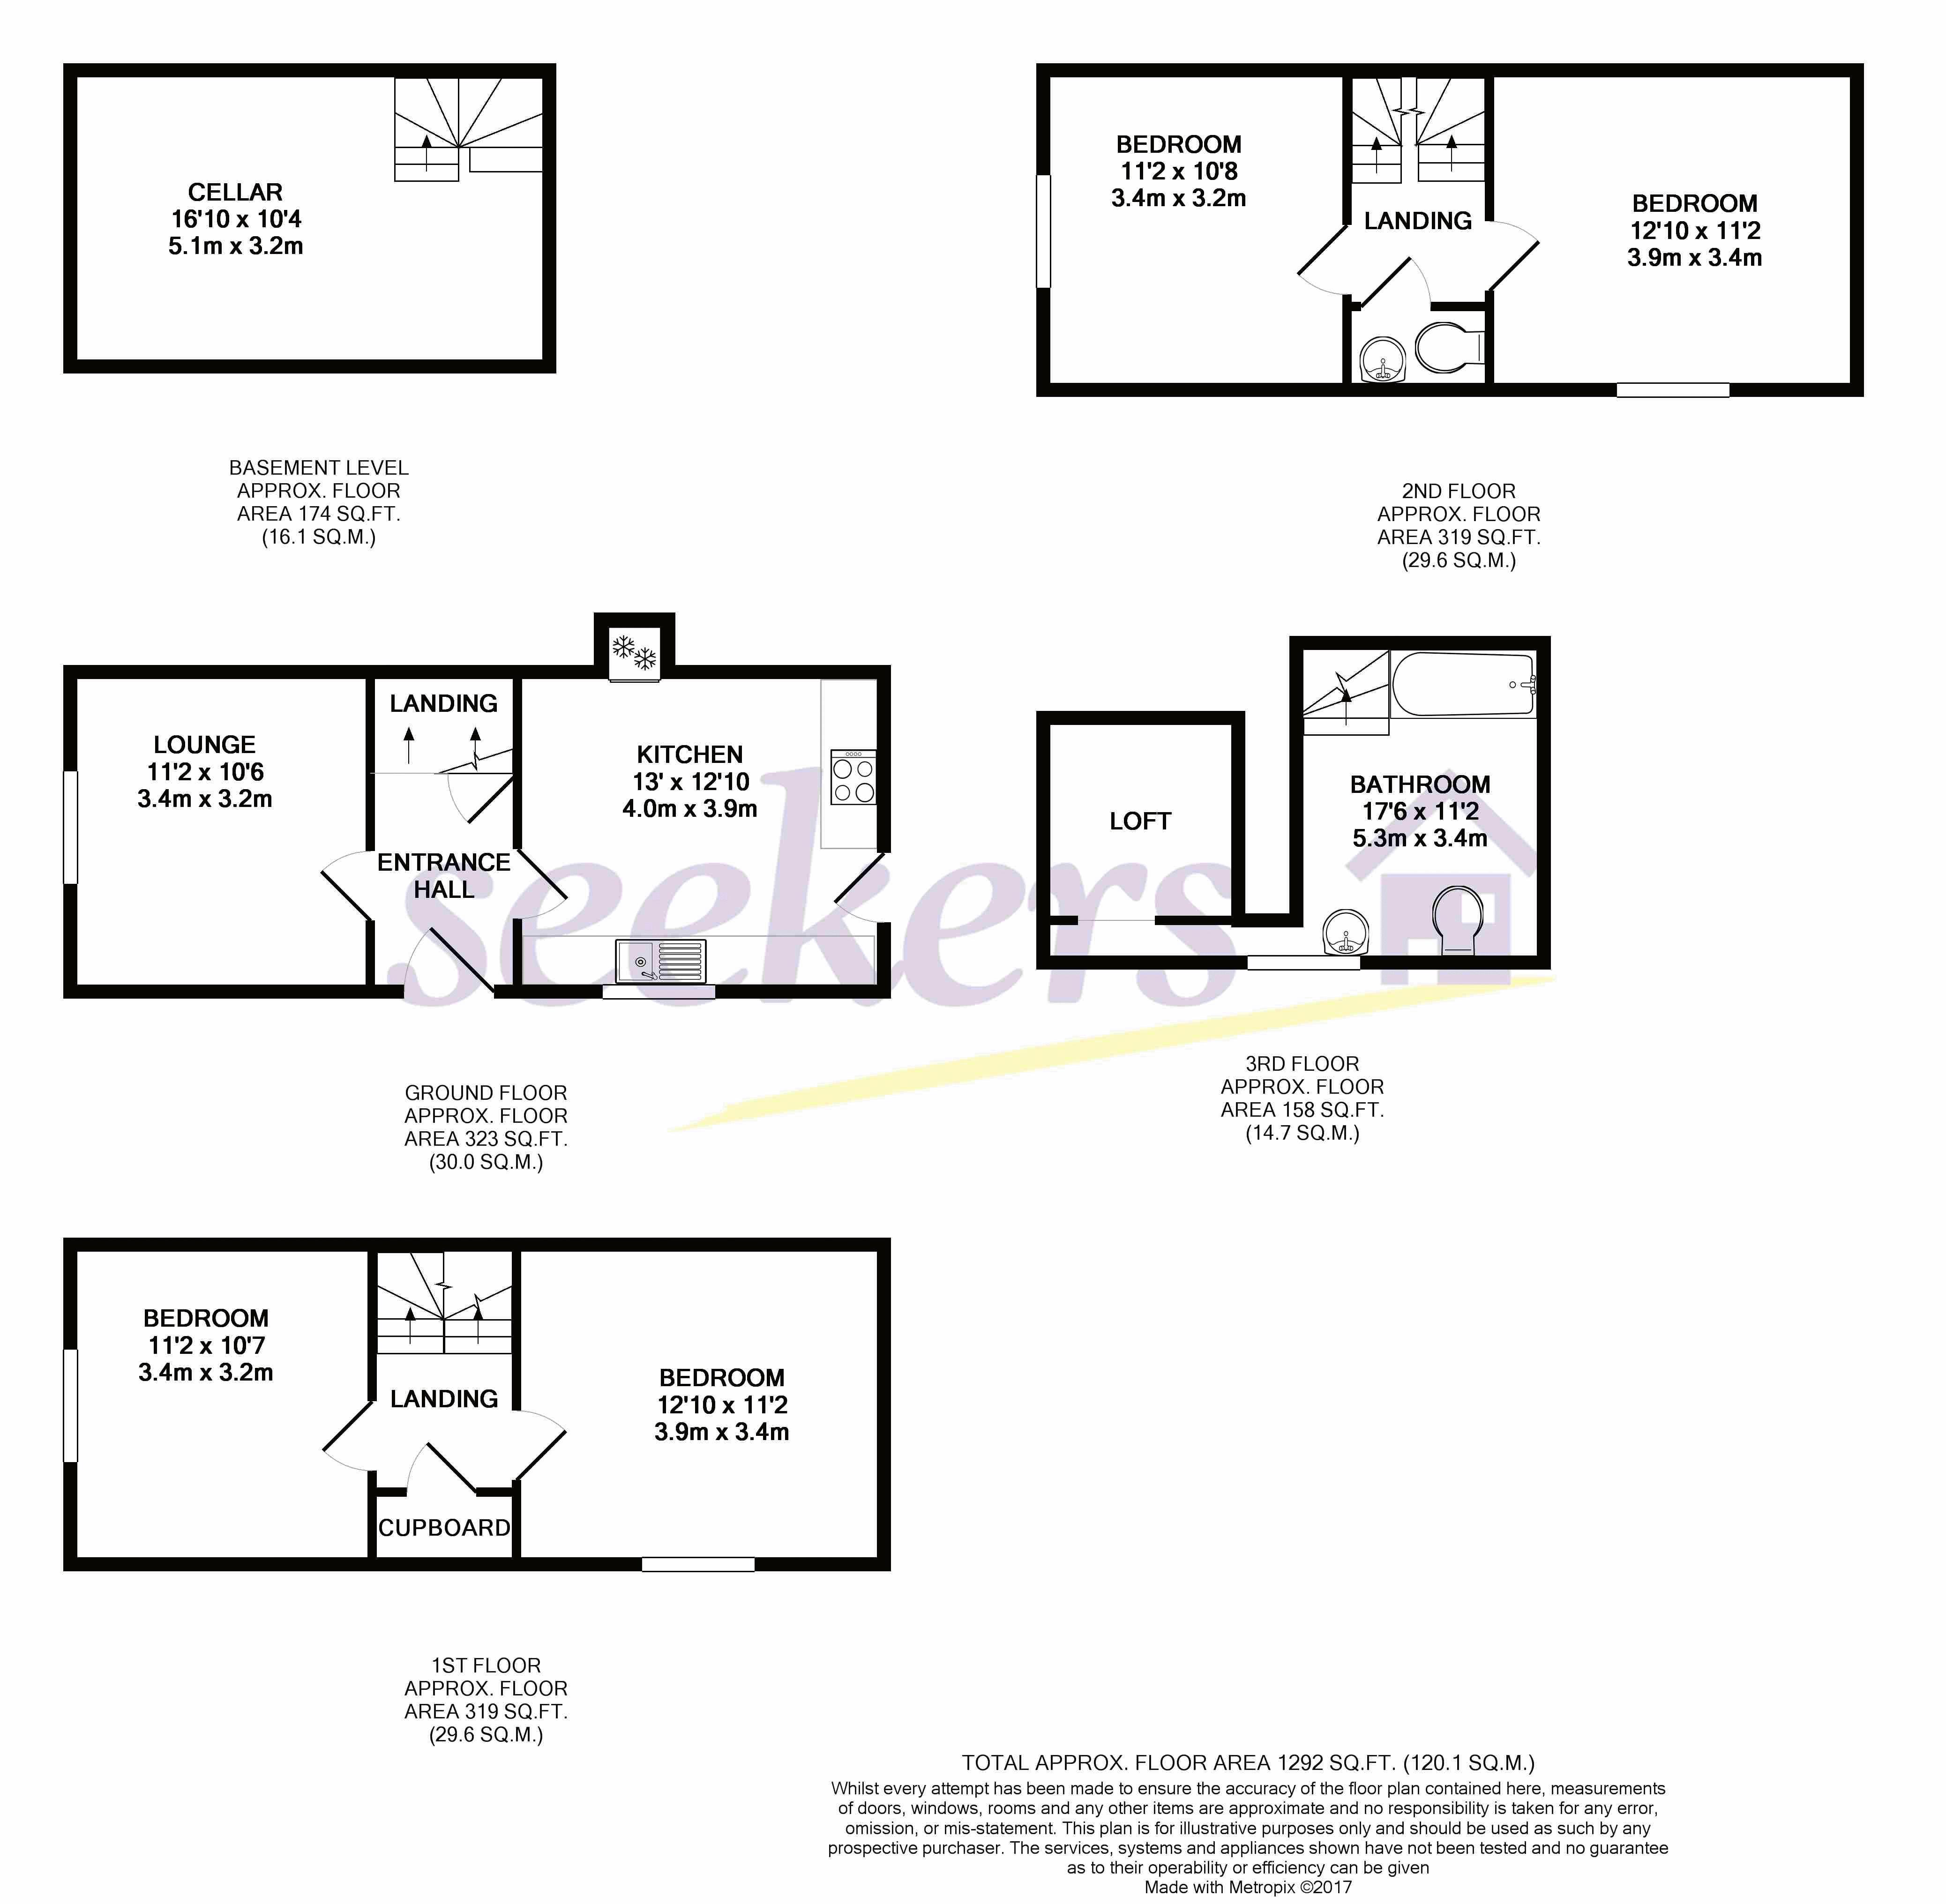 marsham st - floorplan